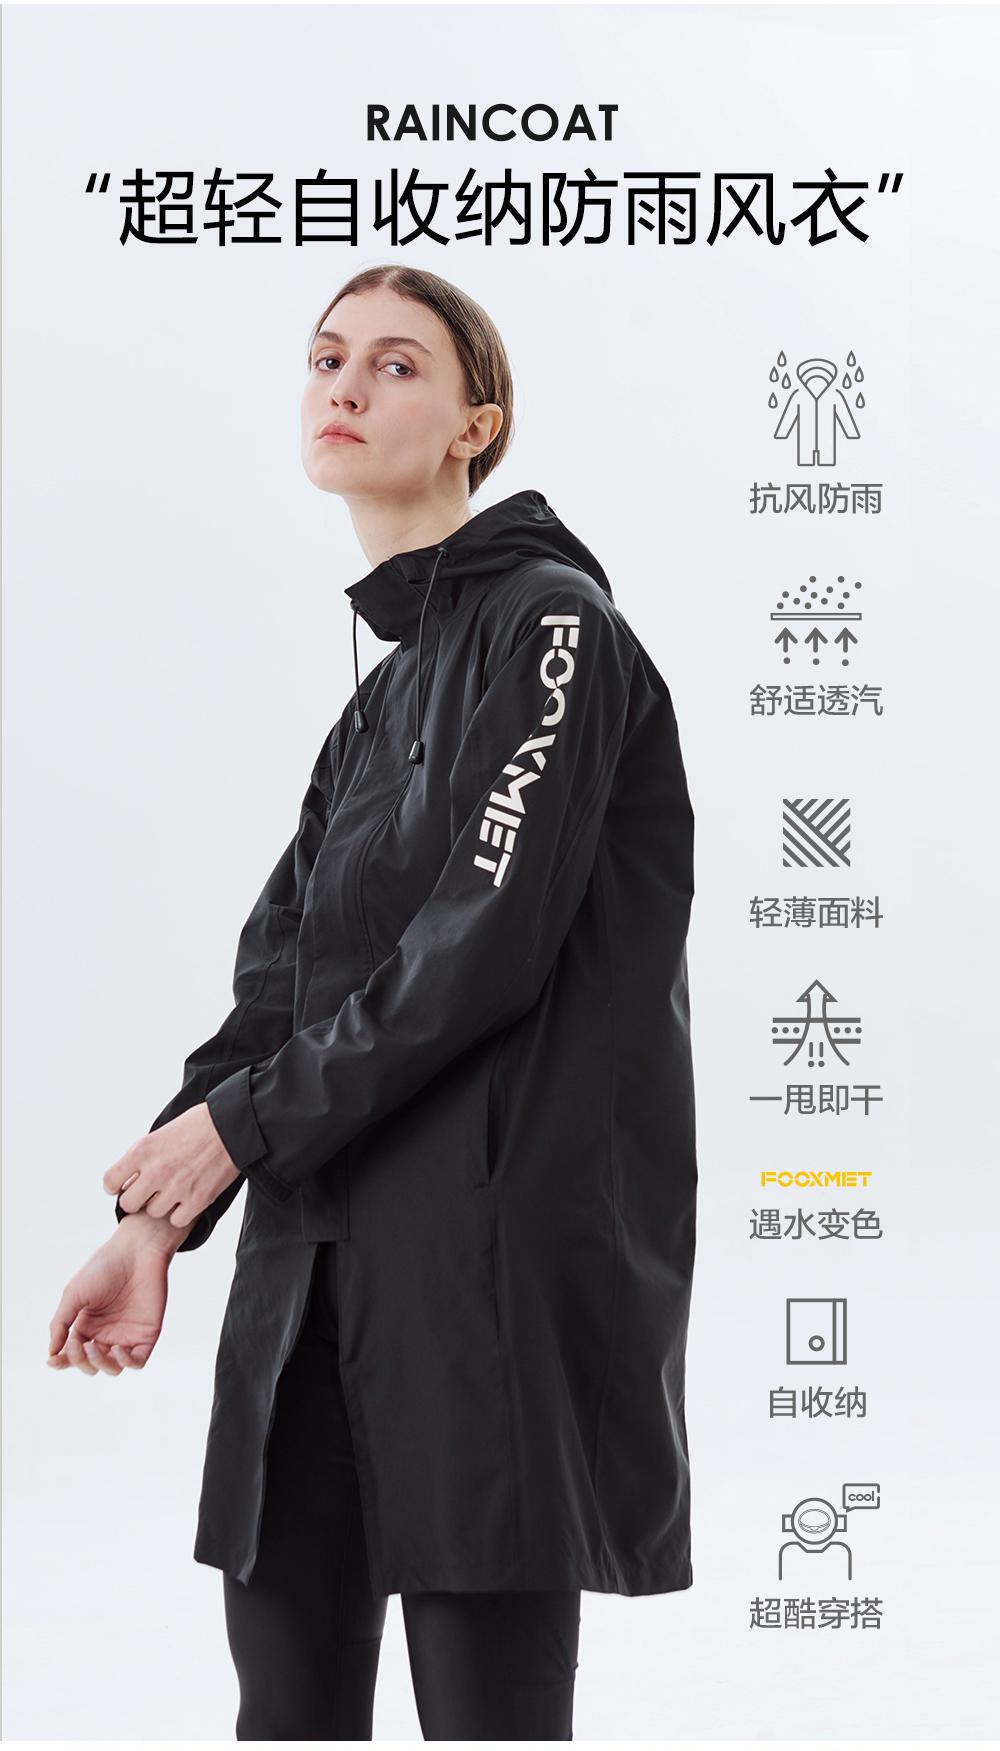 2020暴风衣众筹_8.jpg